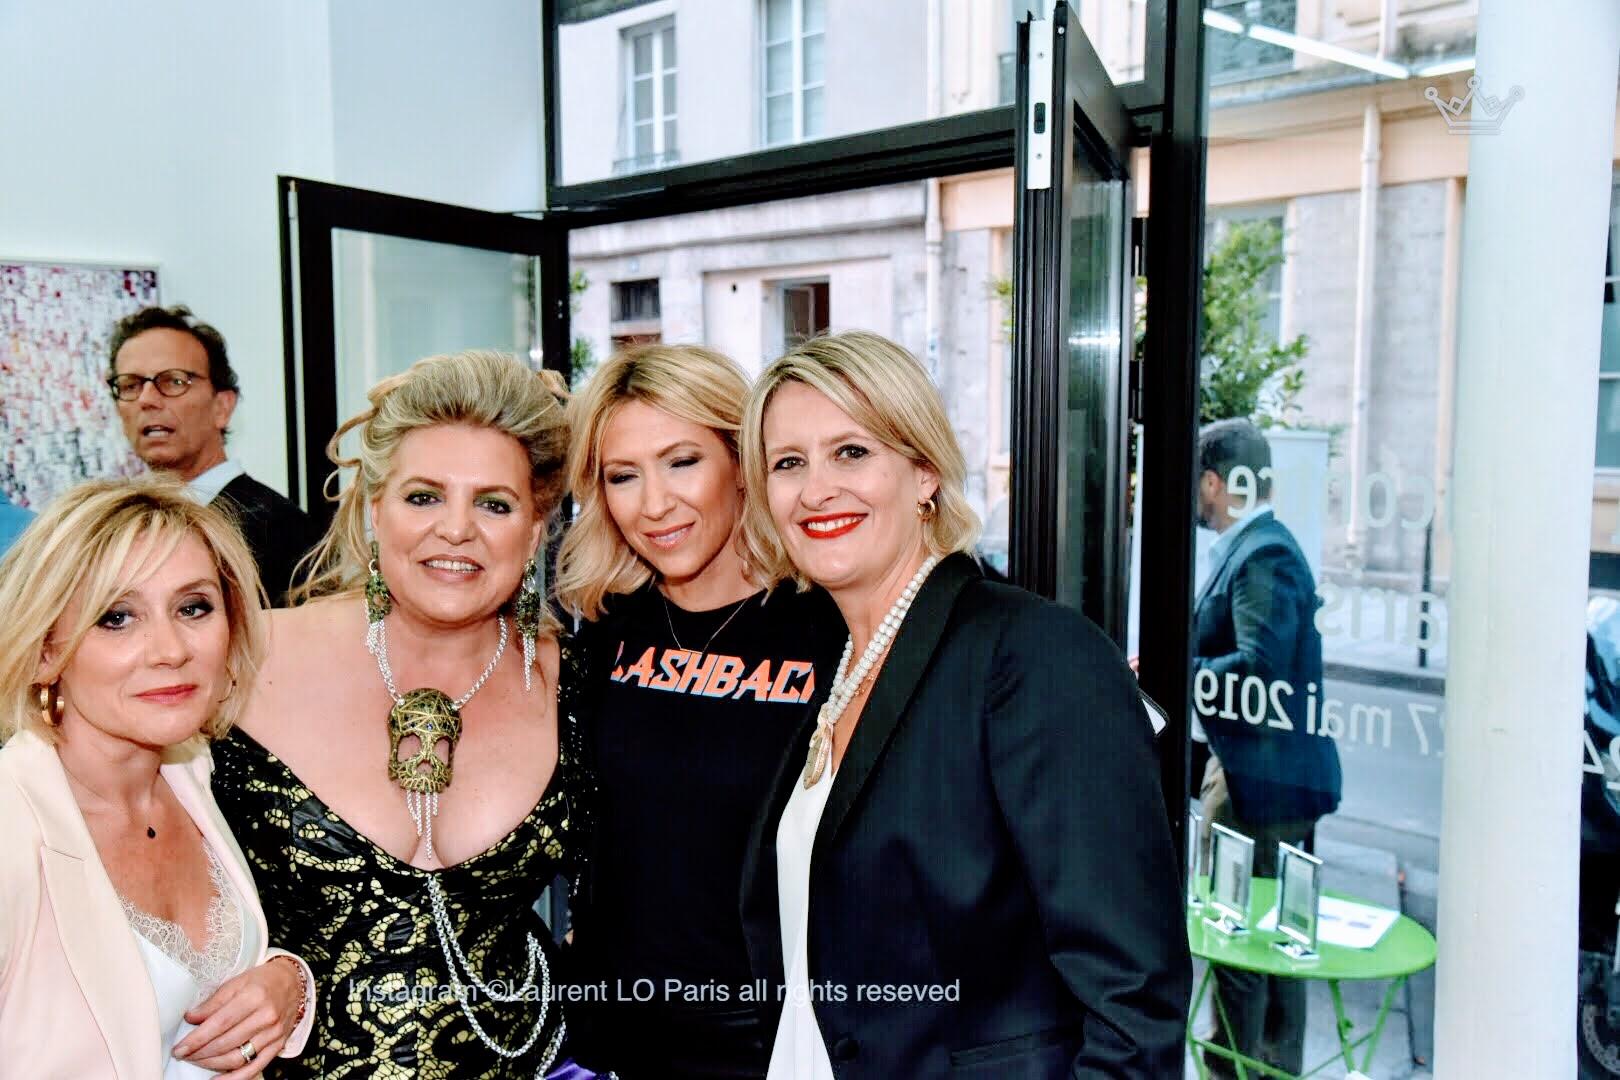 3 Femmes de Paris à New York 1 : La Rencontre à Paris Exposition de Peinture et Sculpture un dialogue itinérant entre 3 femmes artistes